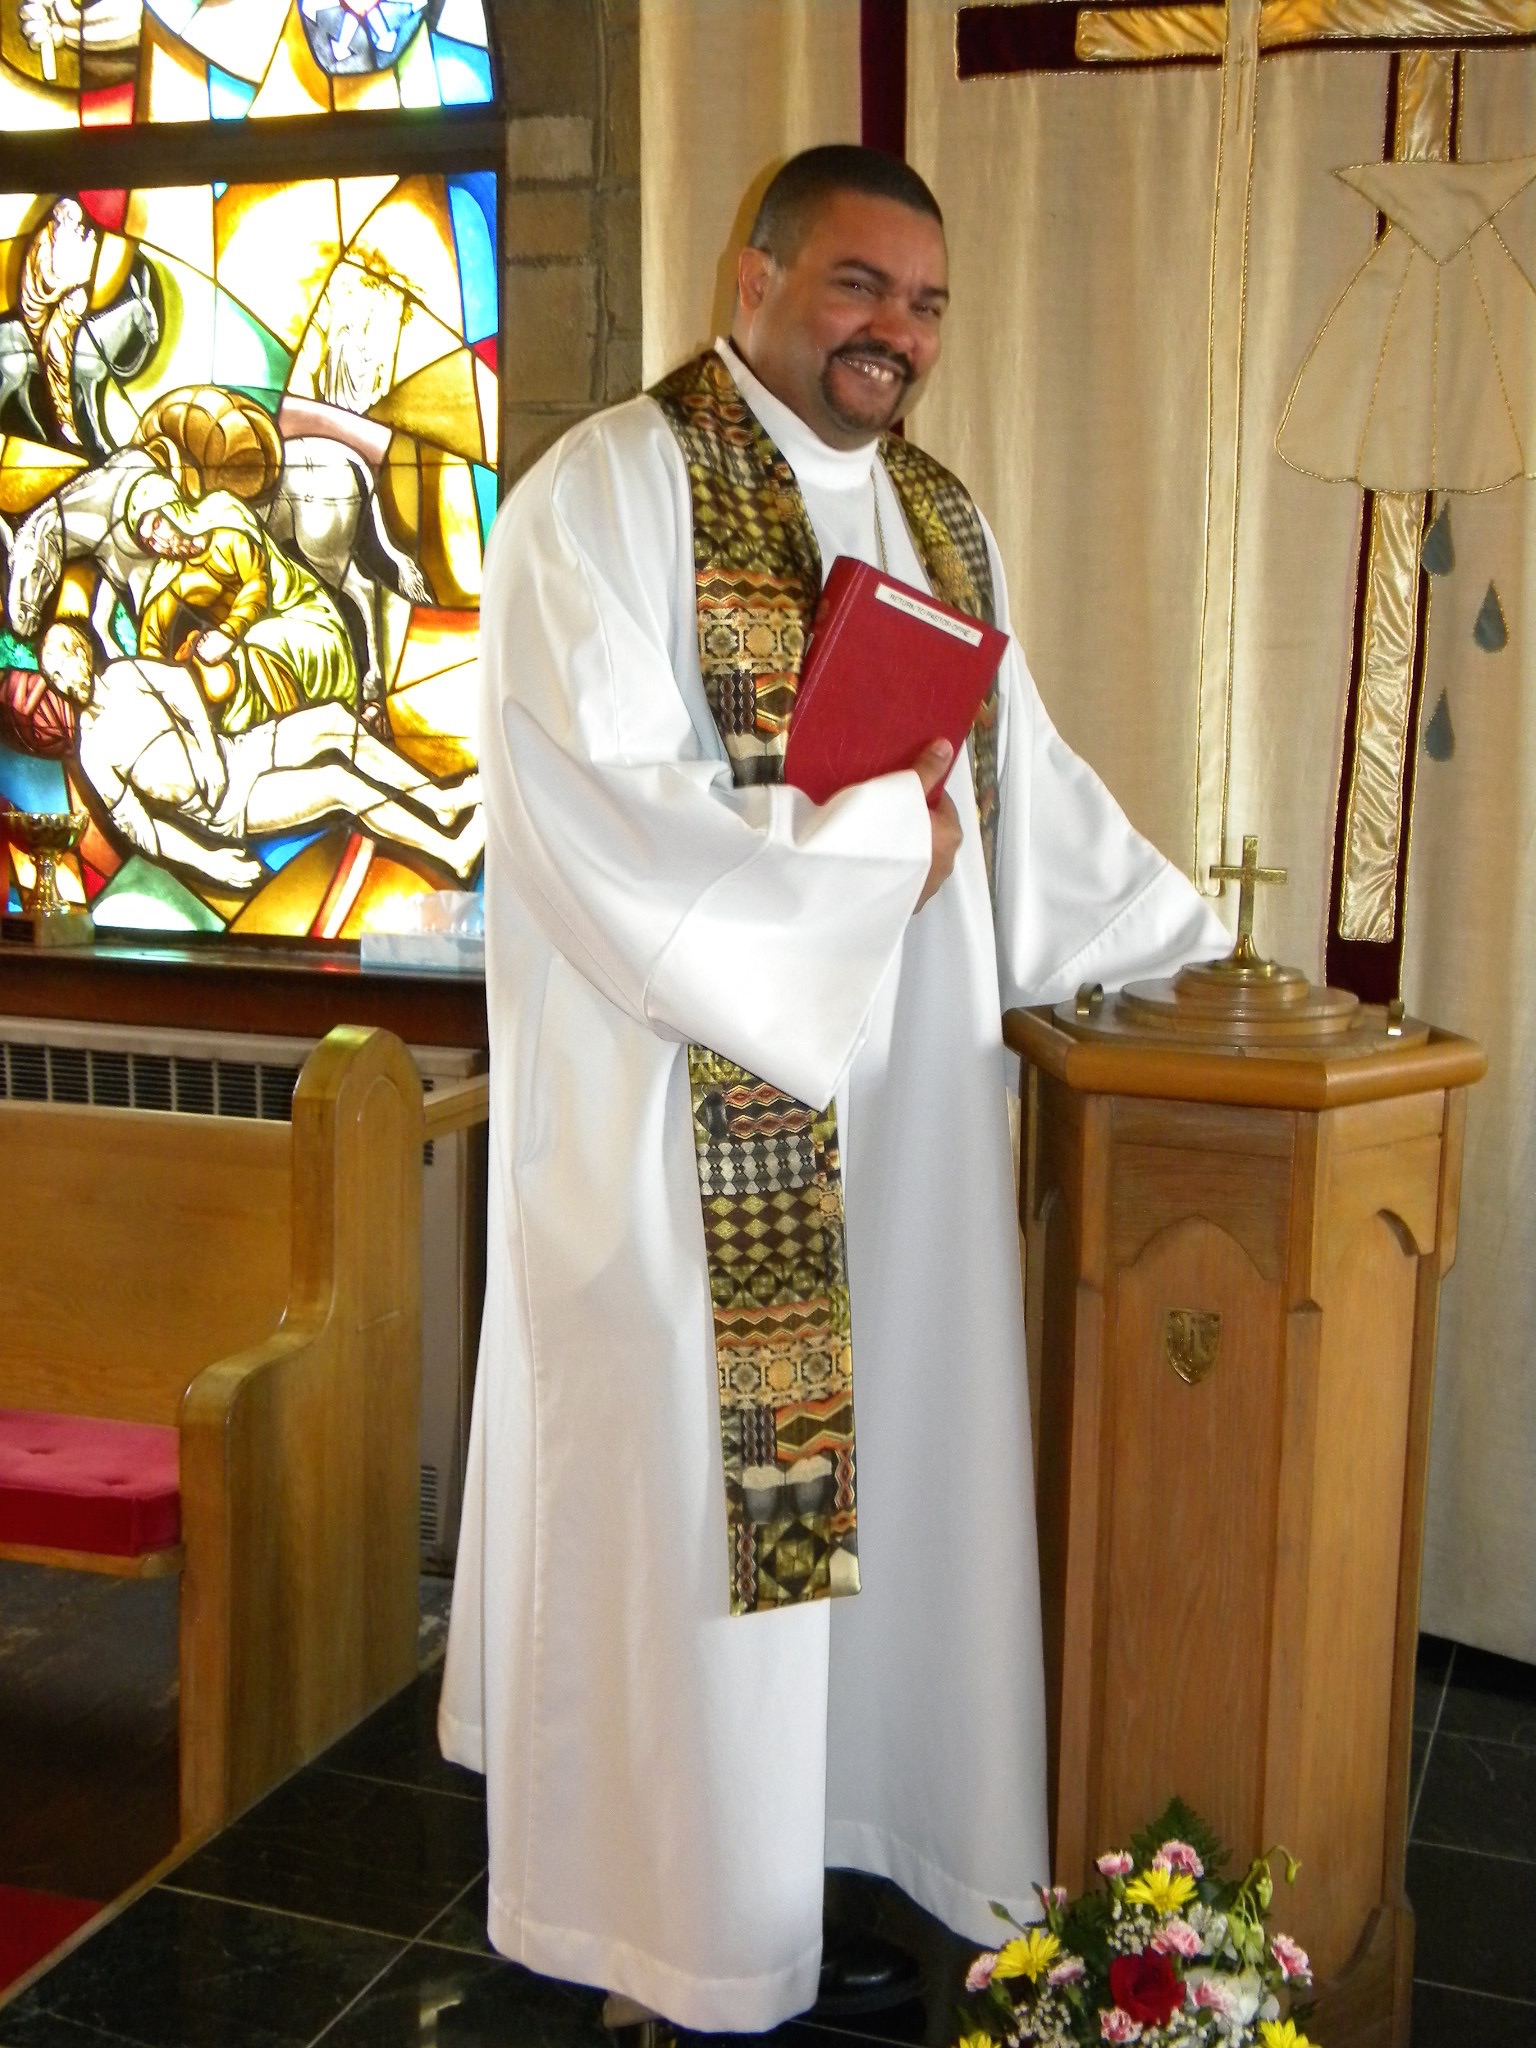 The Rev. James D. Smith